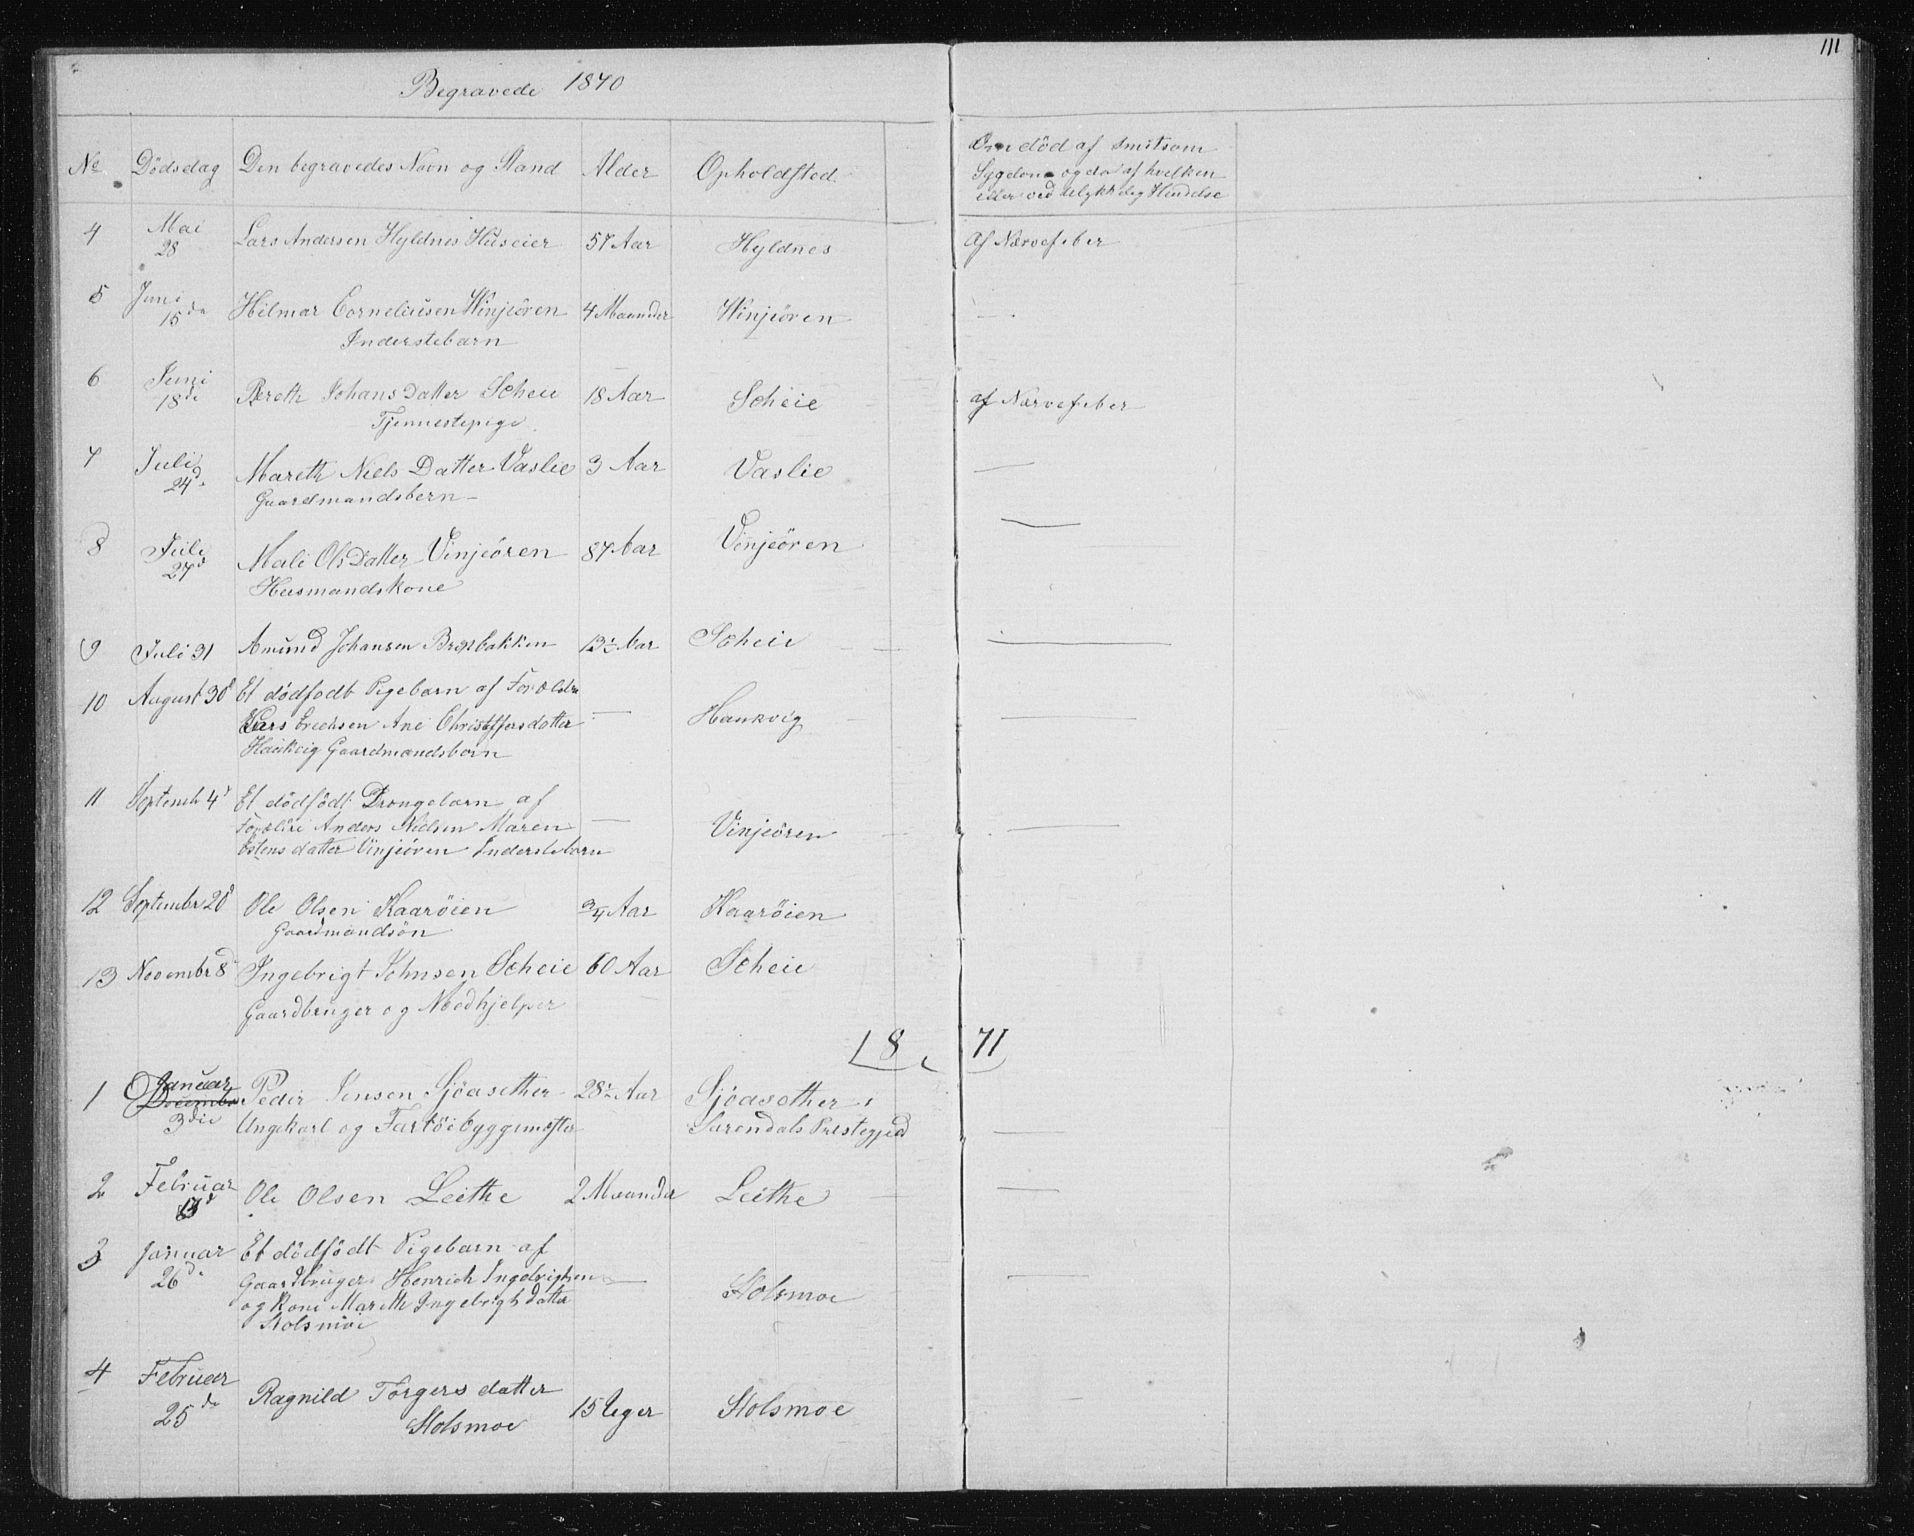 SAT, Ministerialprotokoller, klokkerbøker og fødselsregistre - Sør-Trøndelag, 631/L0513: Klokkerbok nr. 631C01, 1869-1879, s. 111